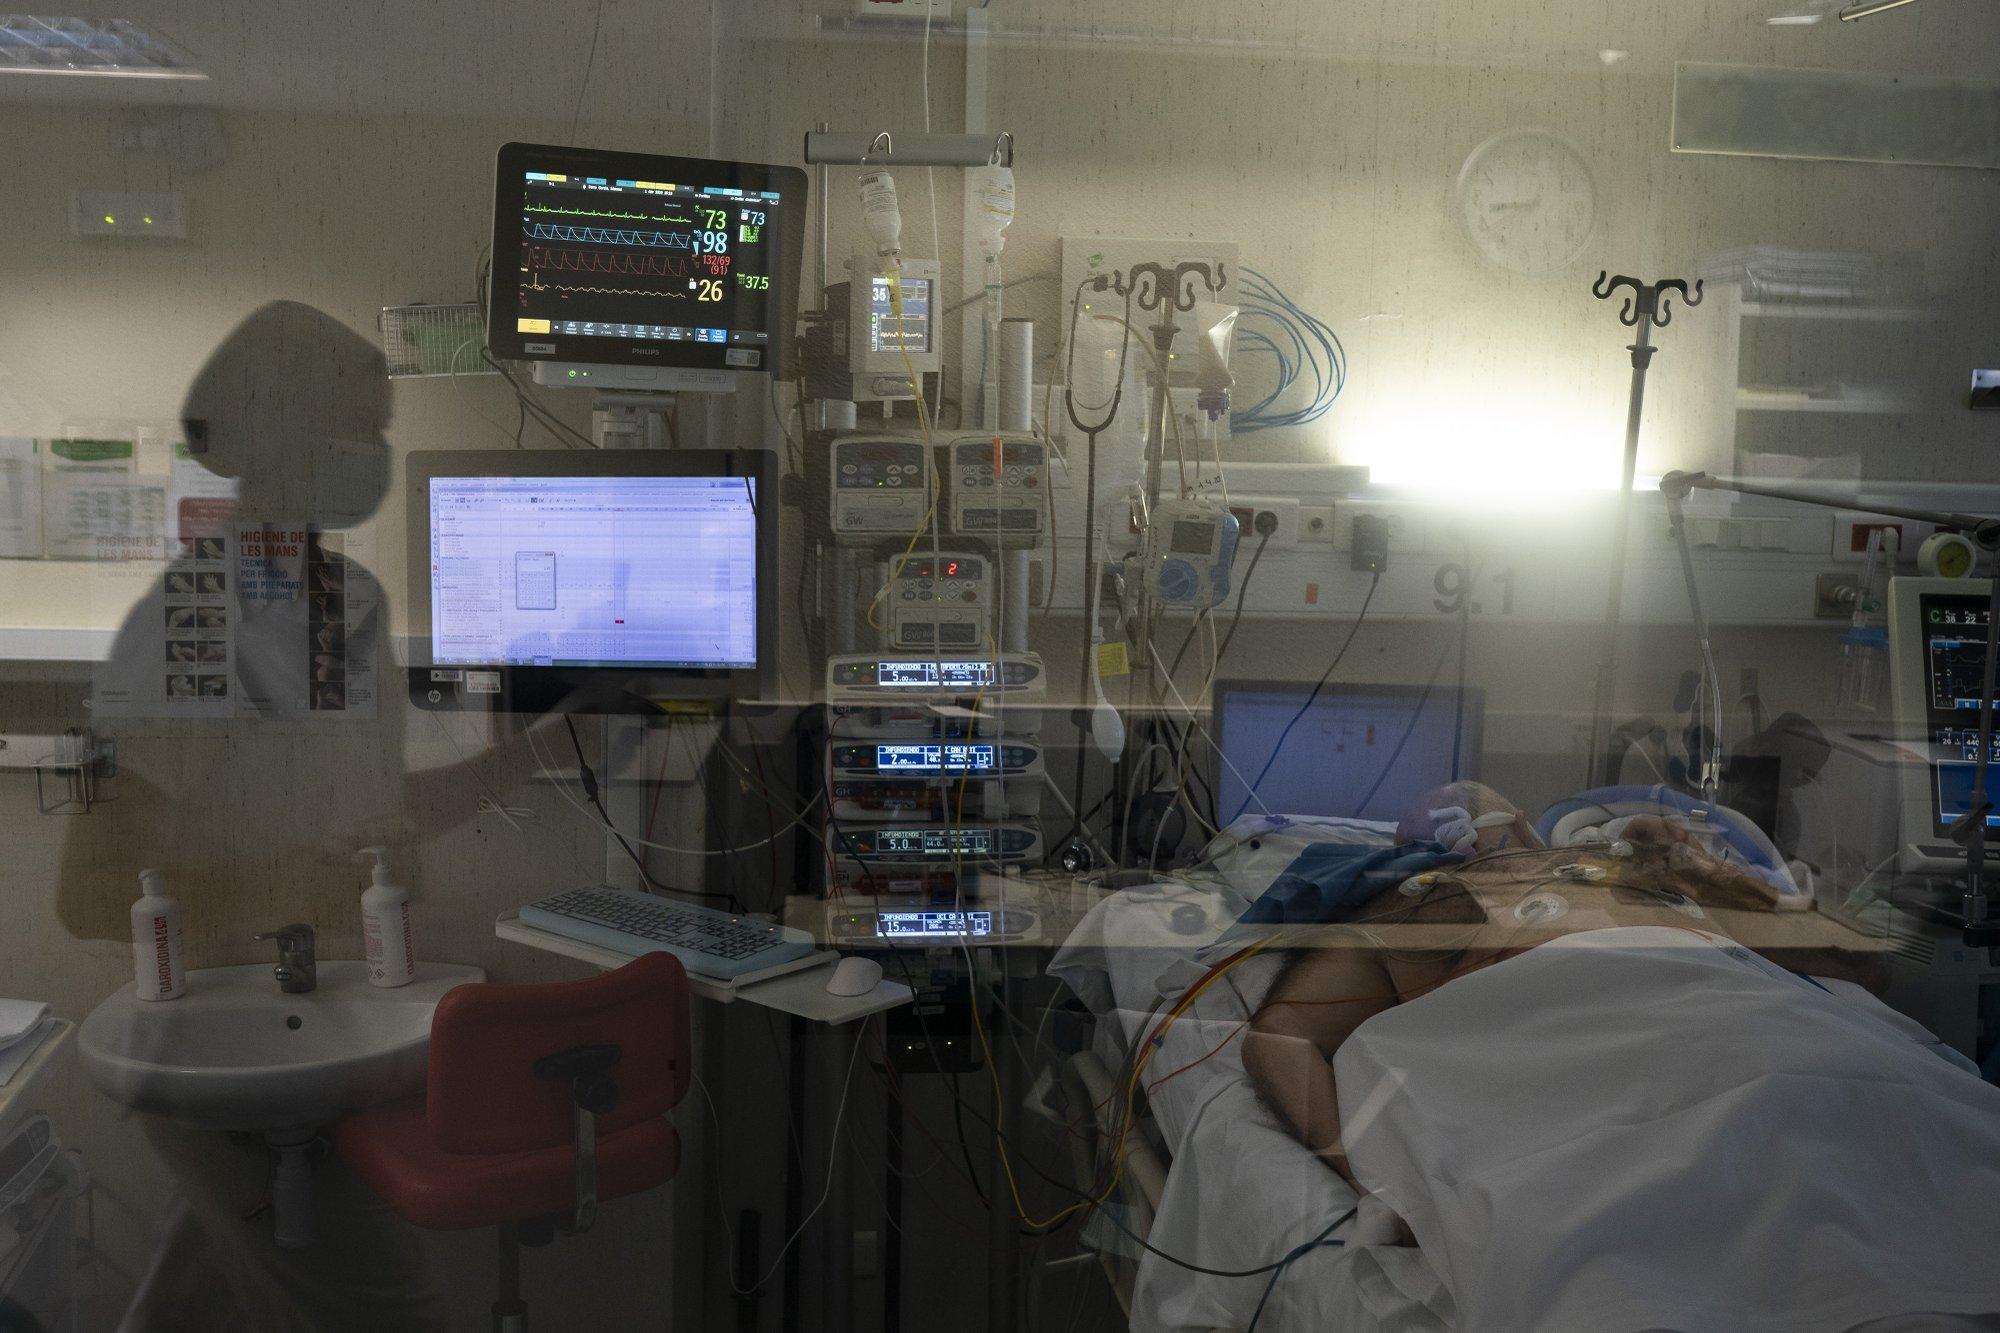 Un paciente entubado en la sala de cuidados intensivos del improvisado hospital de Baladona, en Barcelona, España (AP Photo/Felipe Dana)